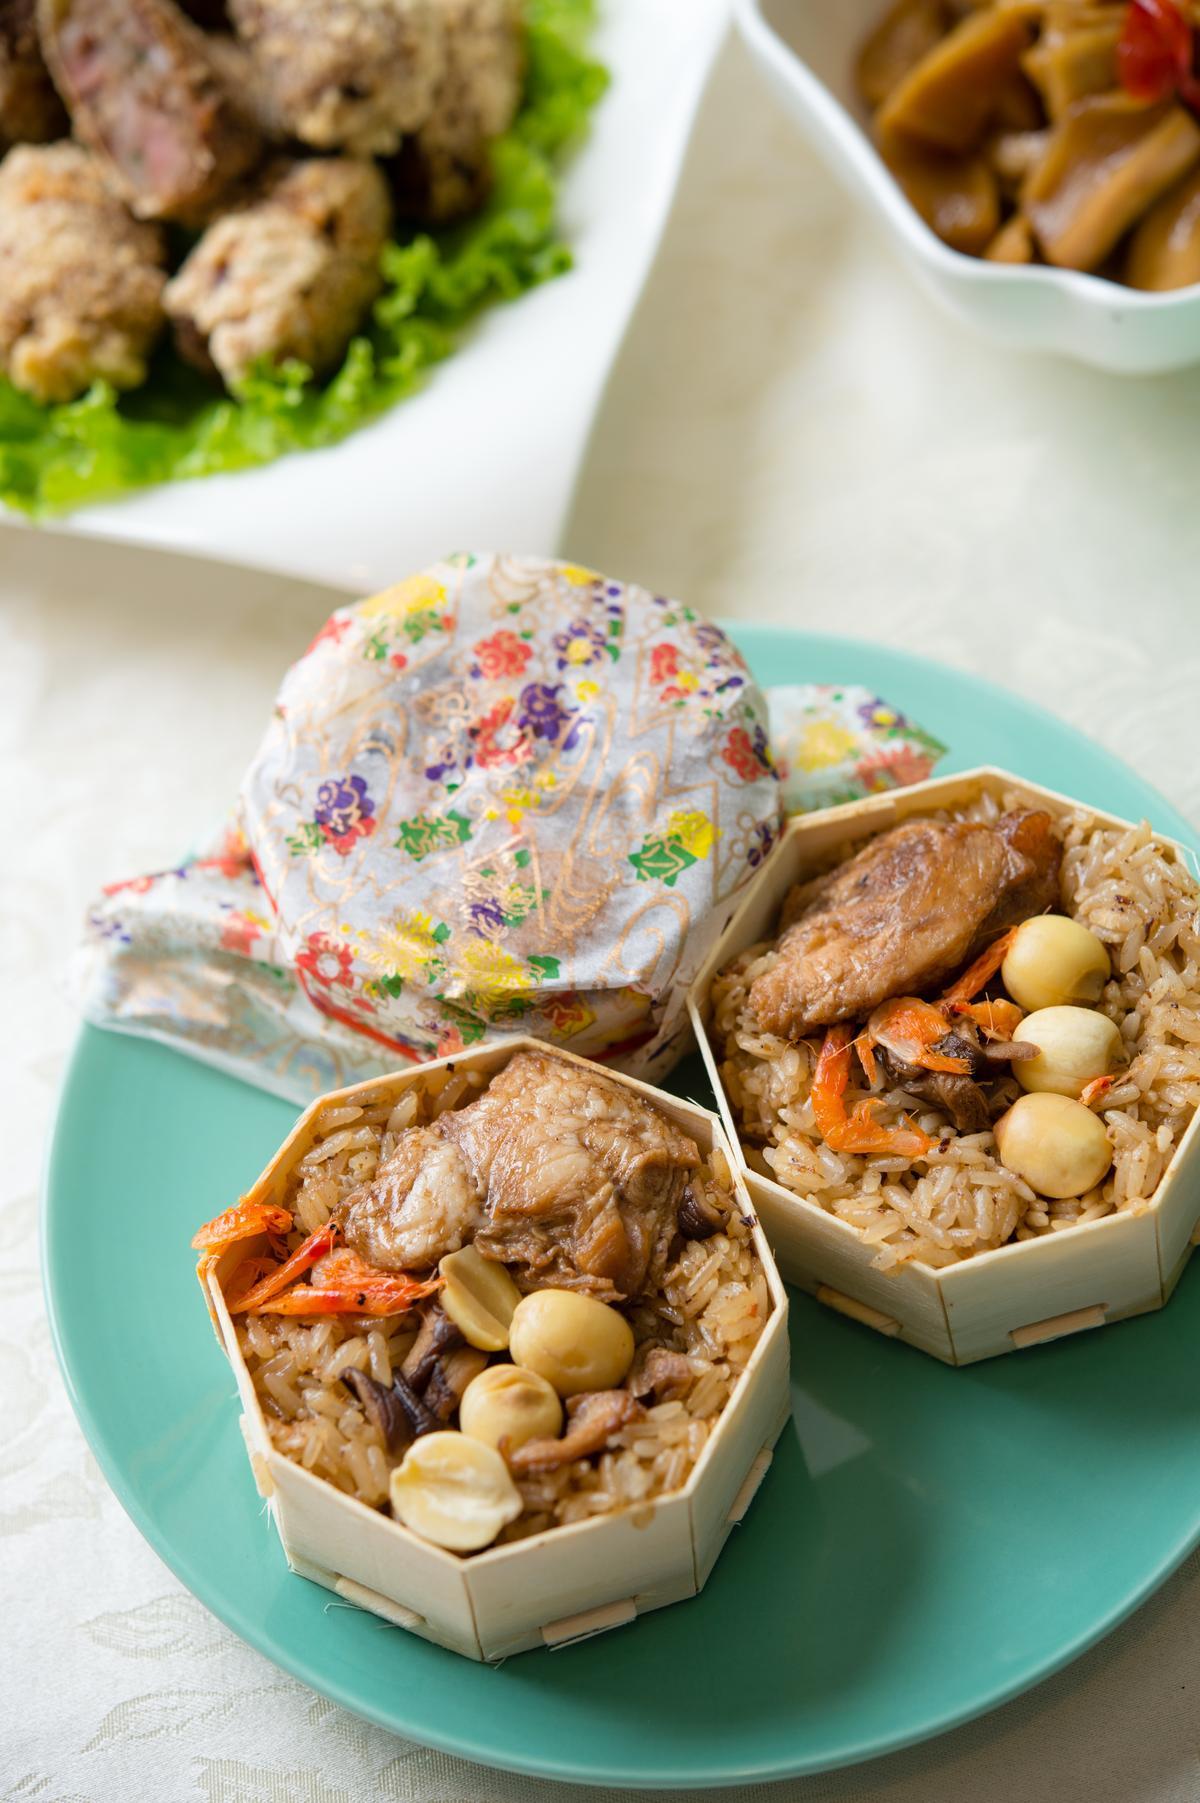 「彩繪米糕」的米粒香糯分明,還吃得到鬆綿蓮子、蝦米。(450元/10入)